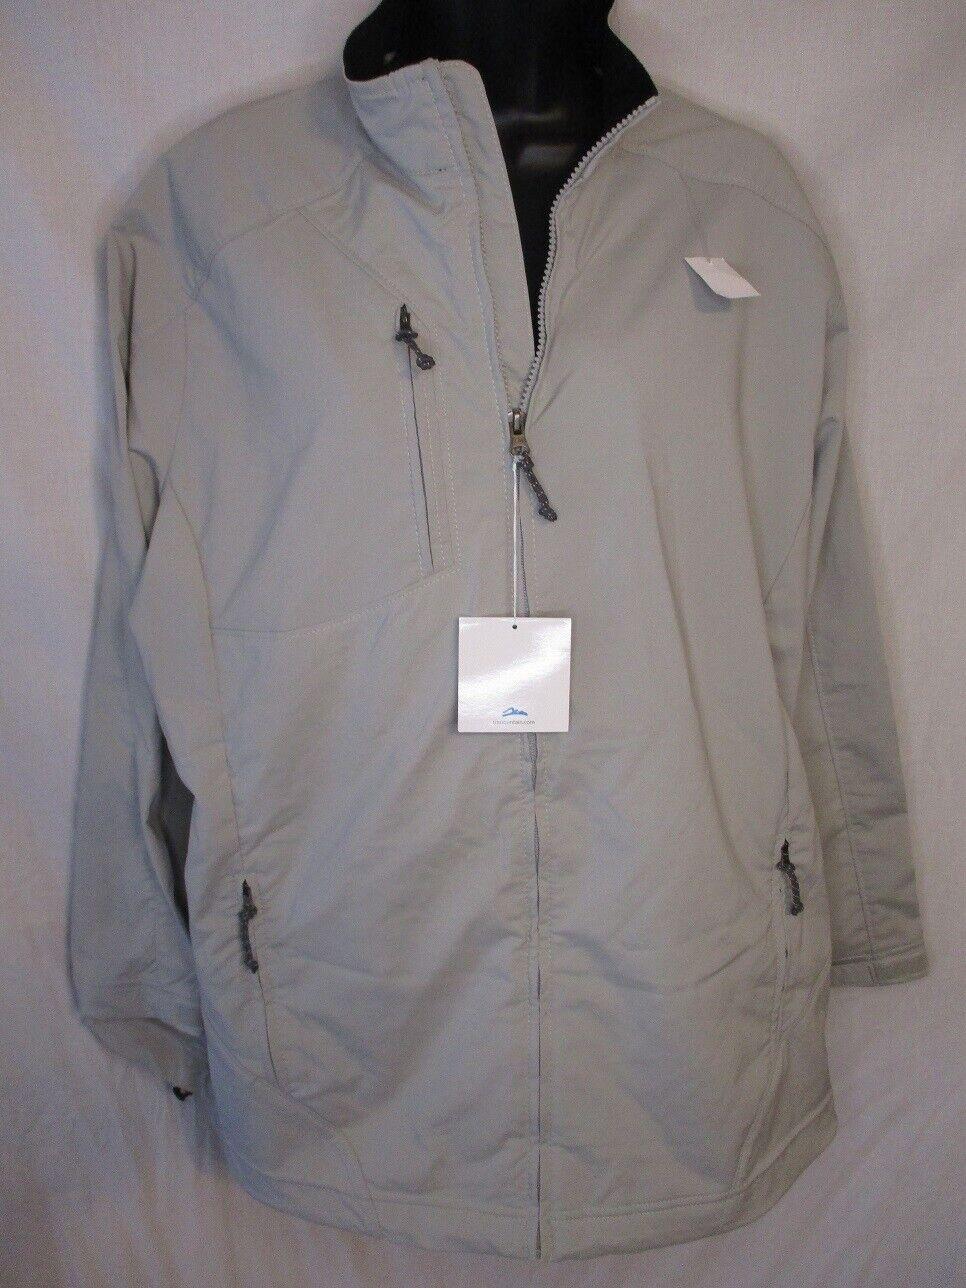 Tri-Mountain Polyester 2XL Beige Long Slve Zip Windbreaker Jacket NEW w/Tags